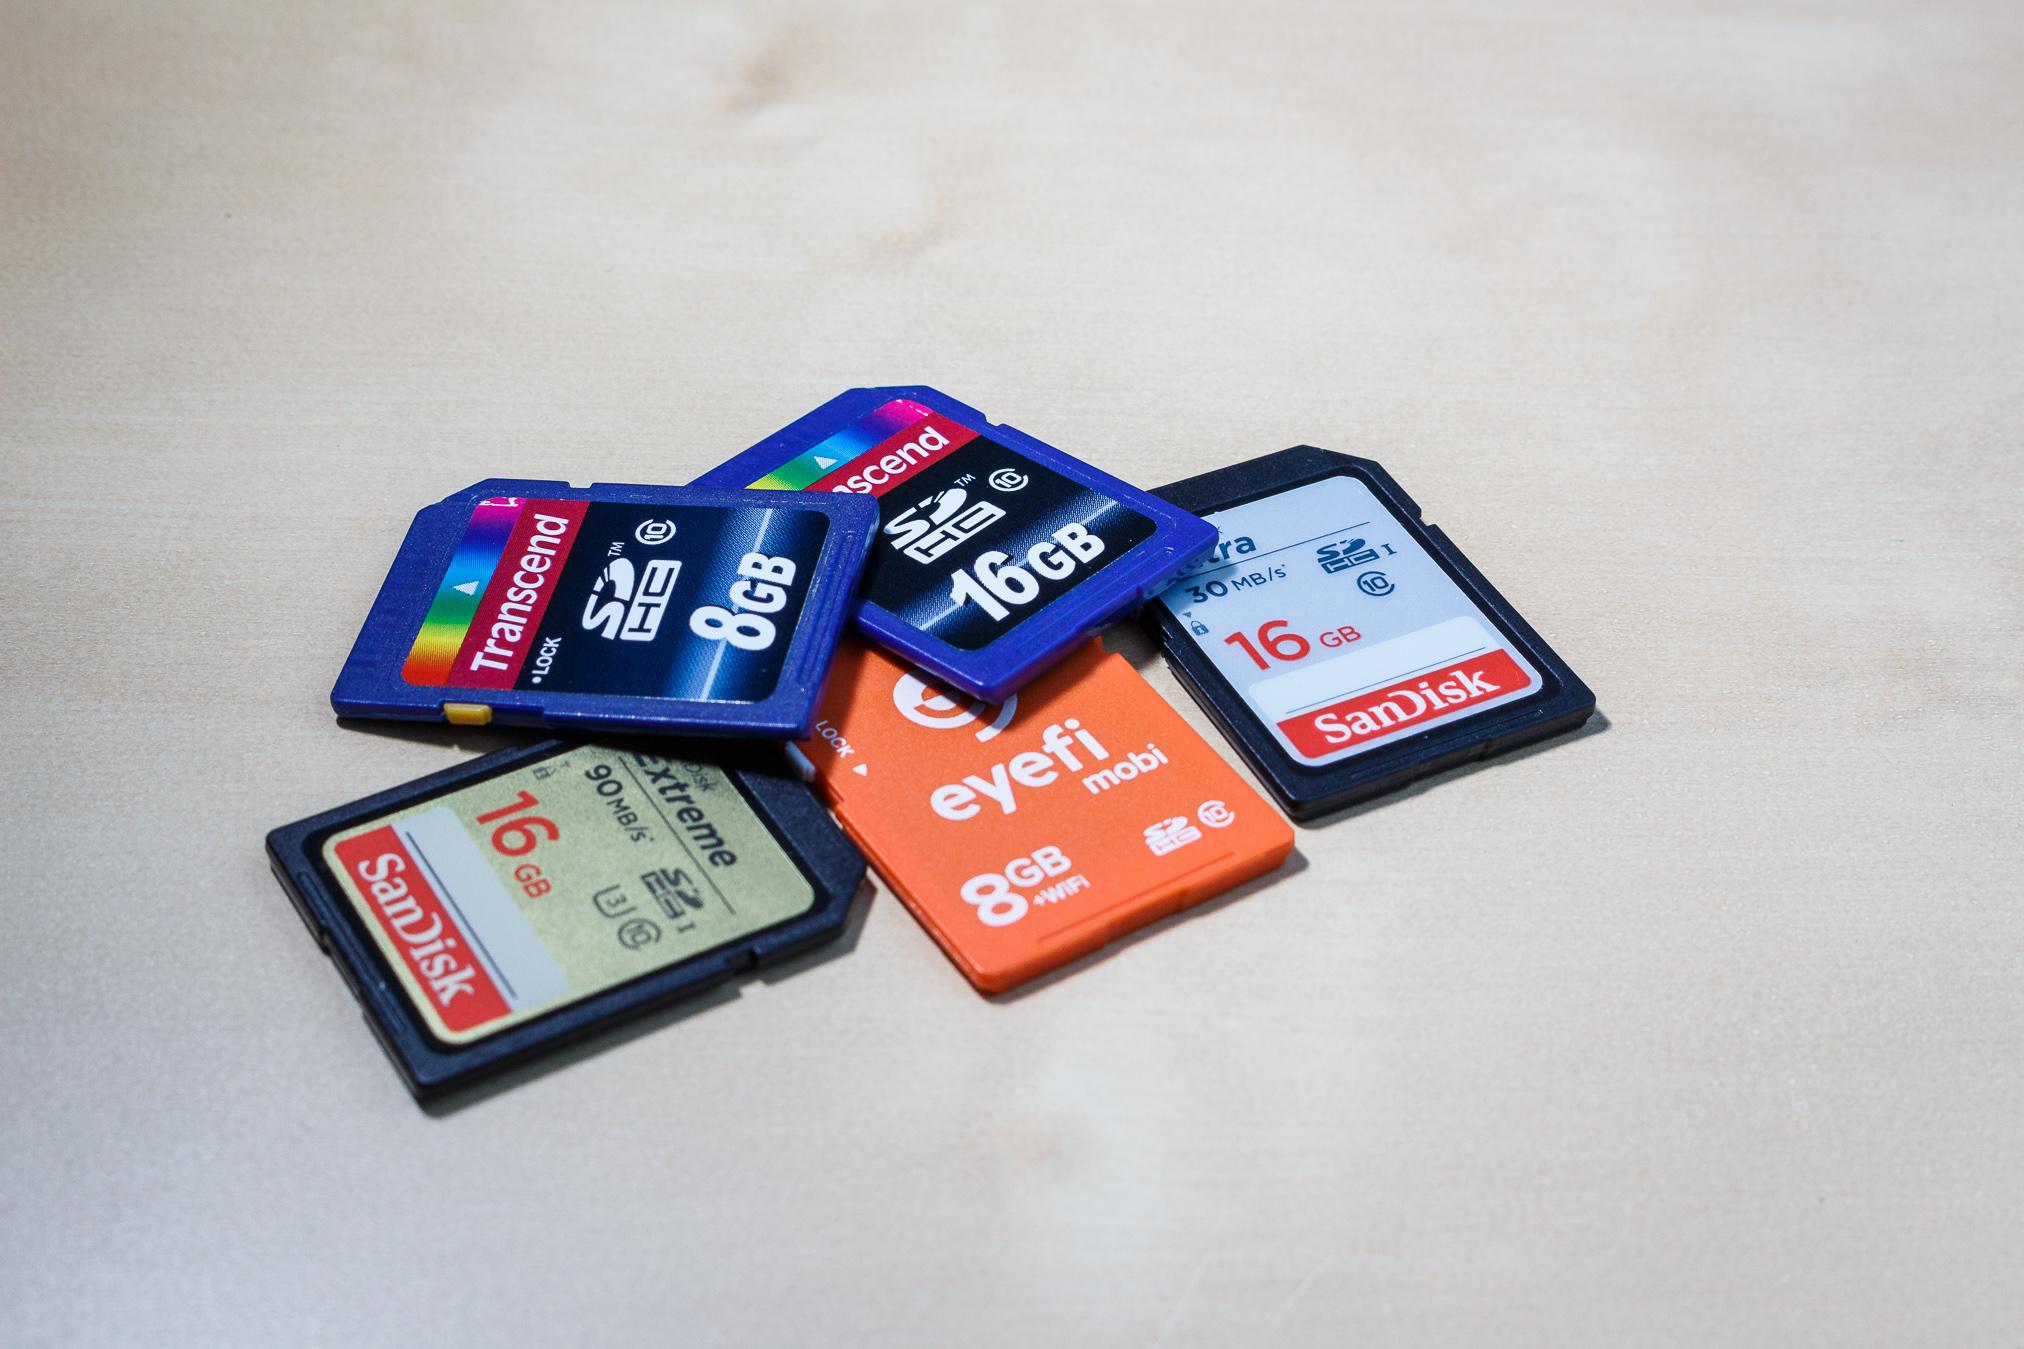 Speicherkarten sind zur langfristigen Sicherung nicht zu empfehlen